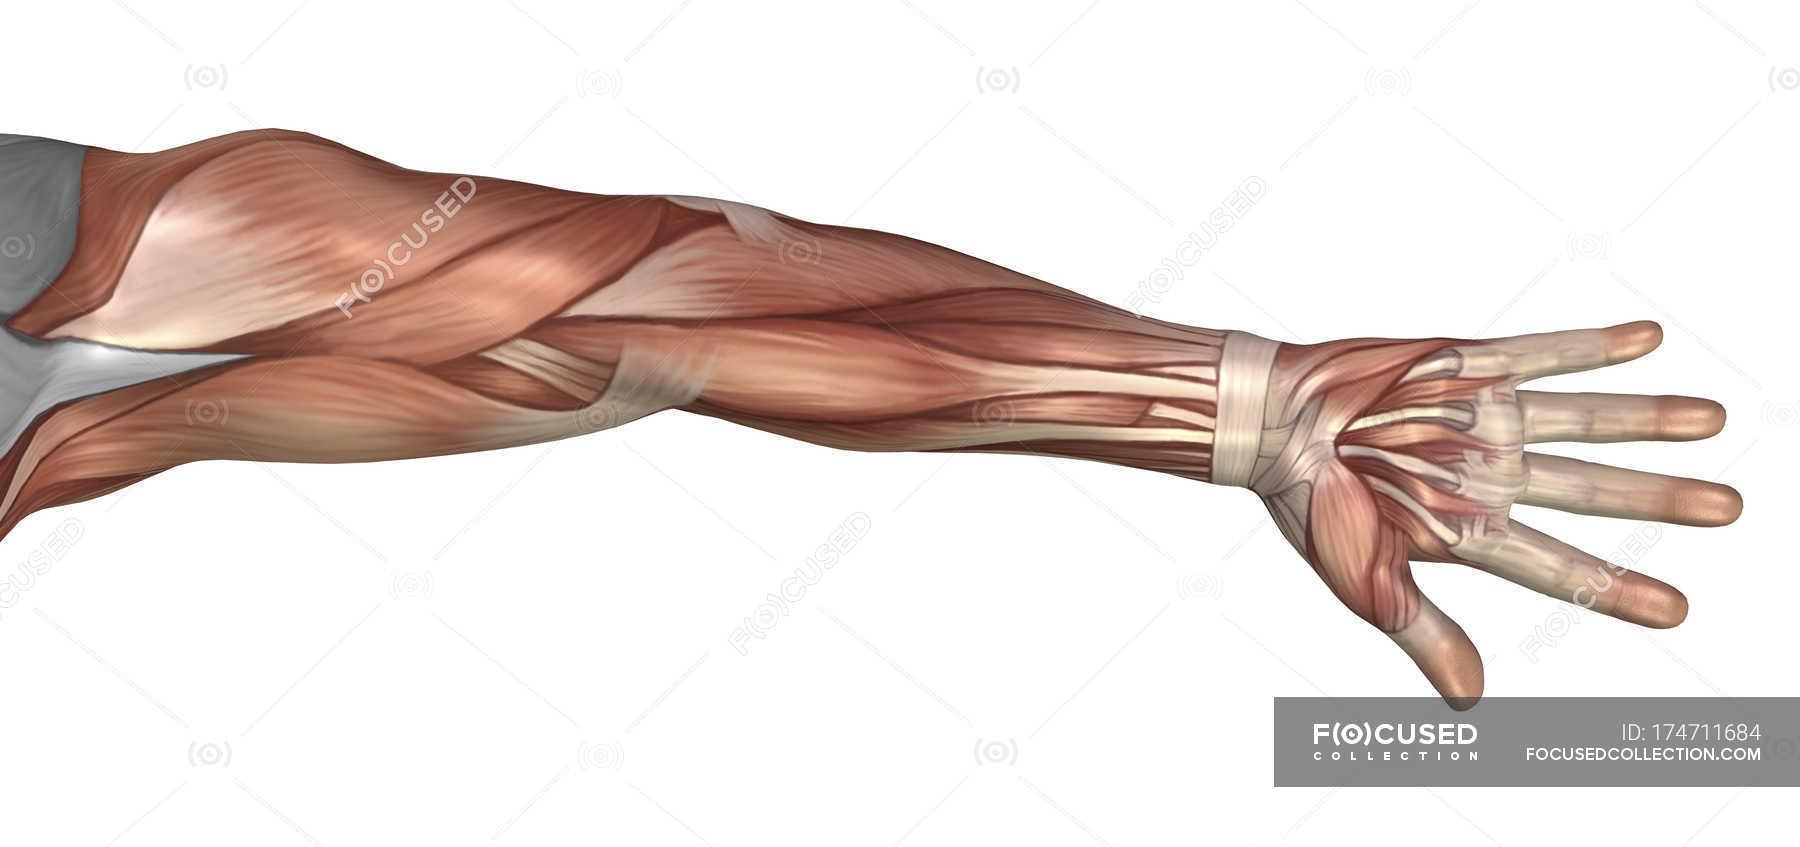 Muskel-Anatomie des menschlichen Armes — Stockfoto | #174711684